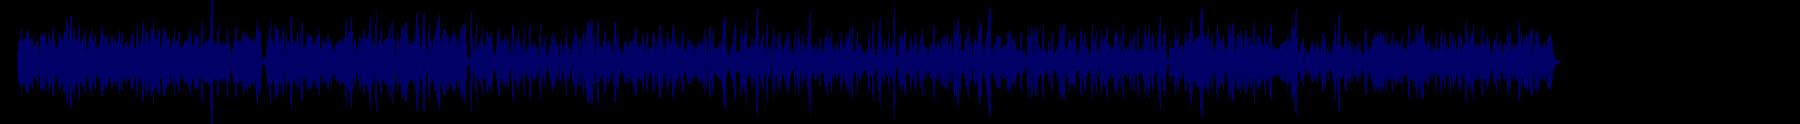 waveform of track #68016